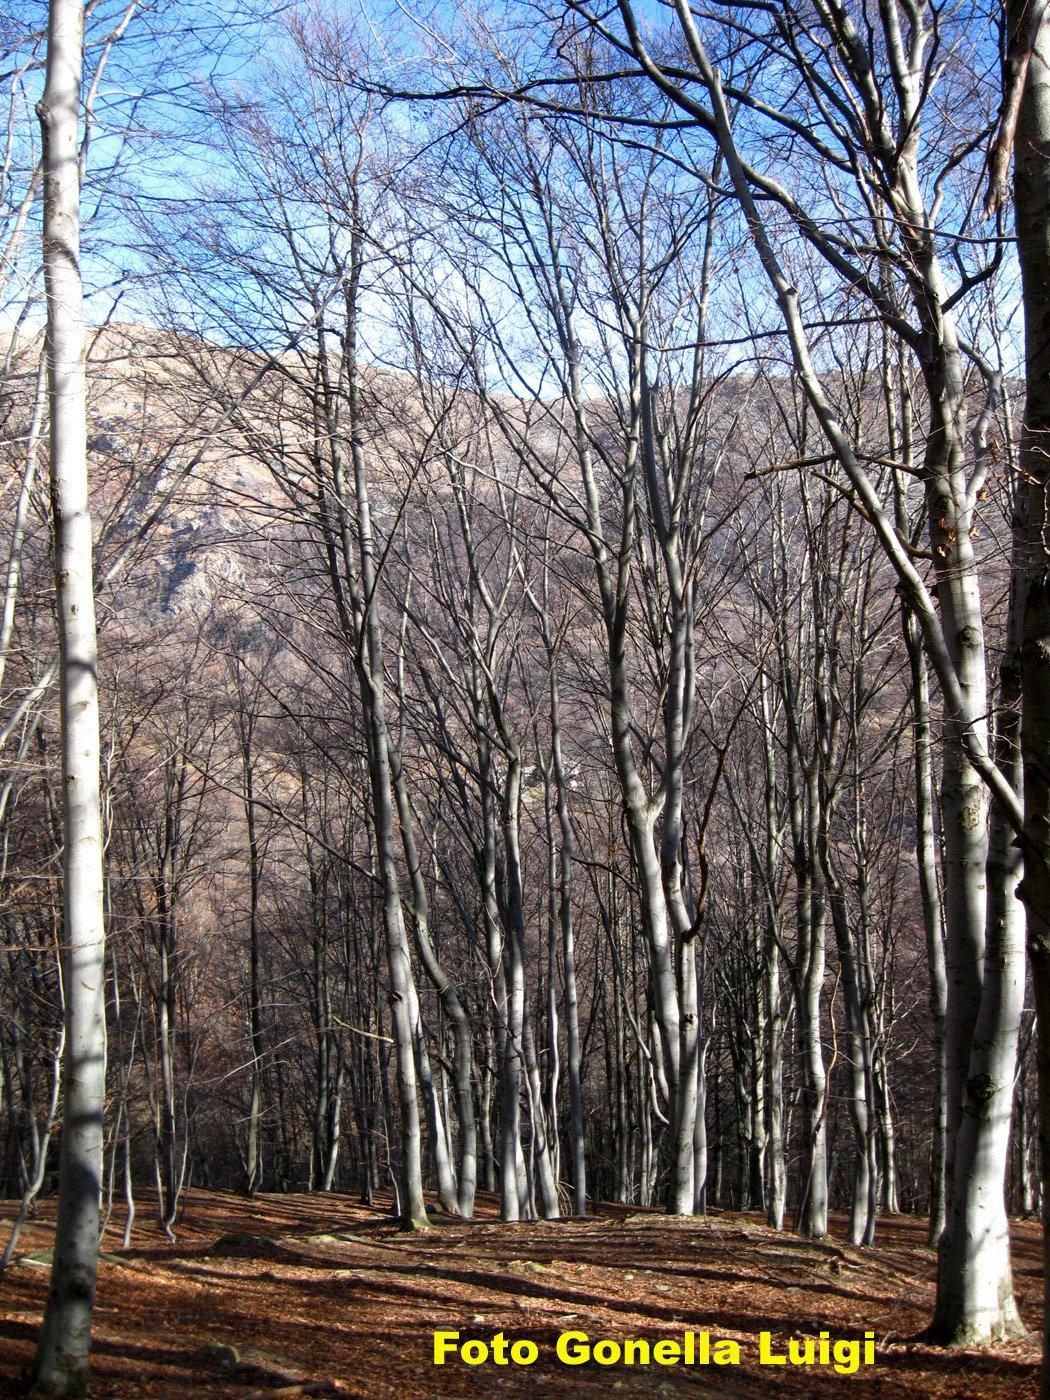 Splendido bosco